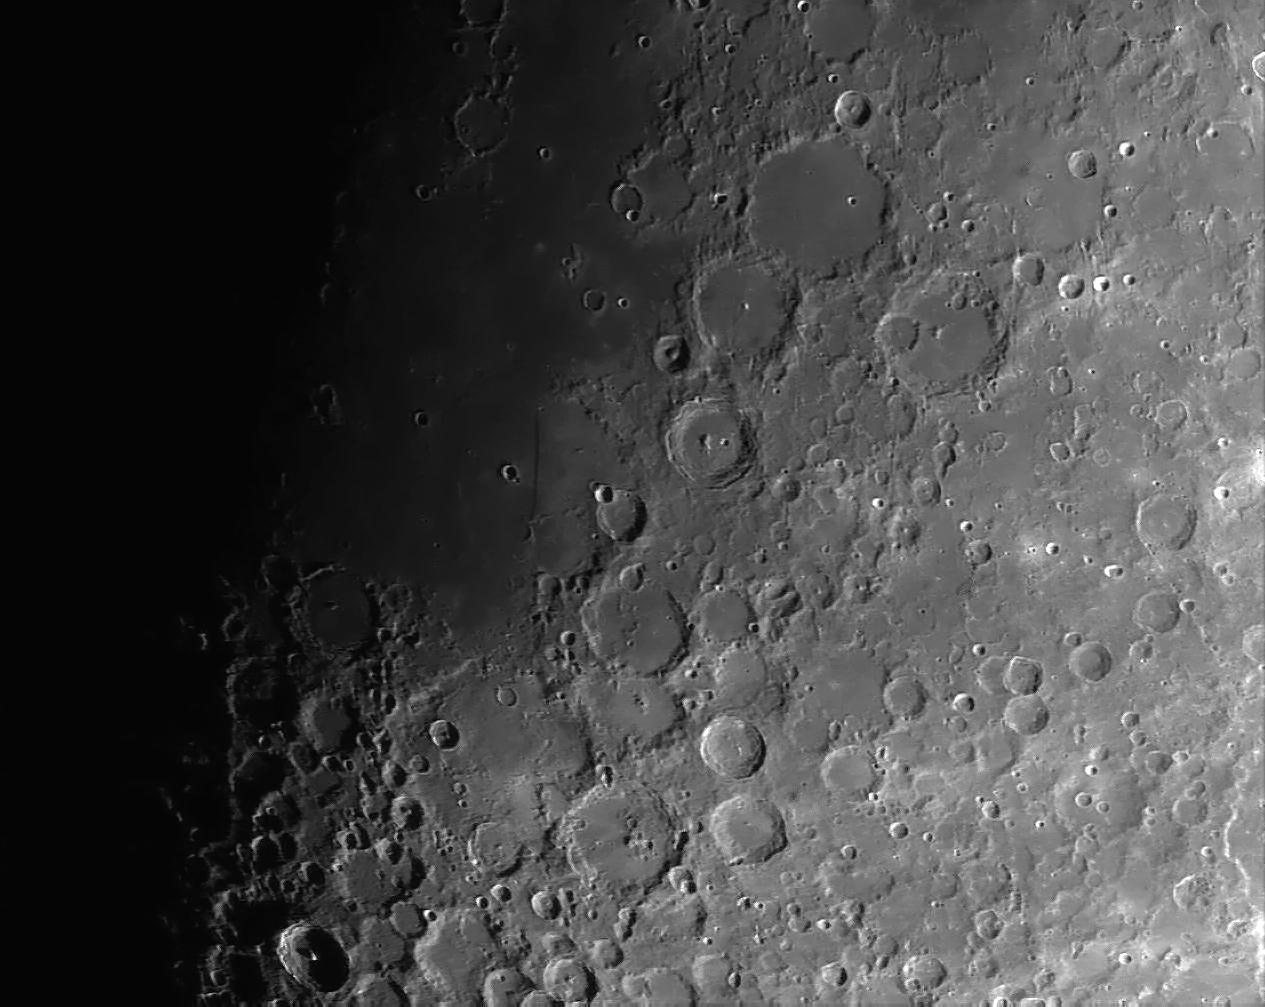 Lune du 11 12 2013 L20131211_Pto_2d